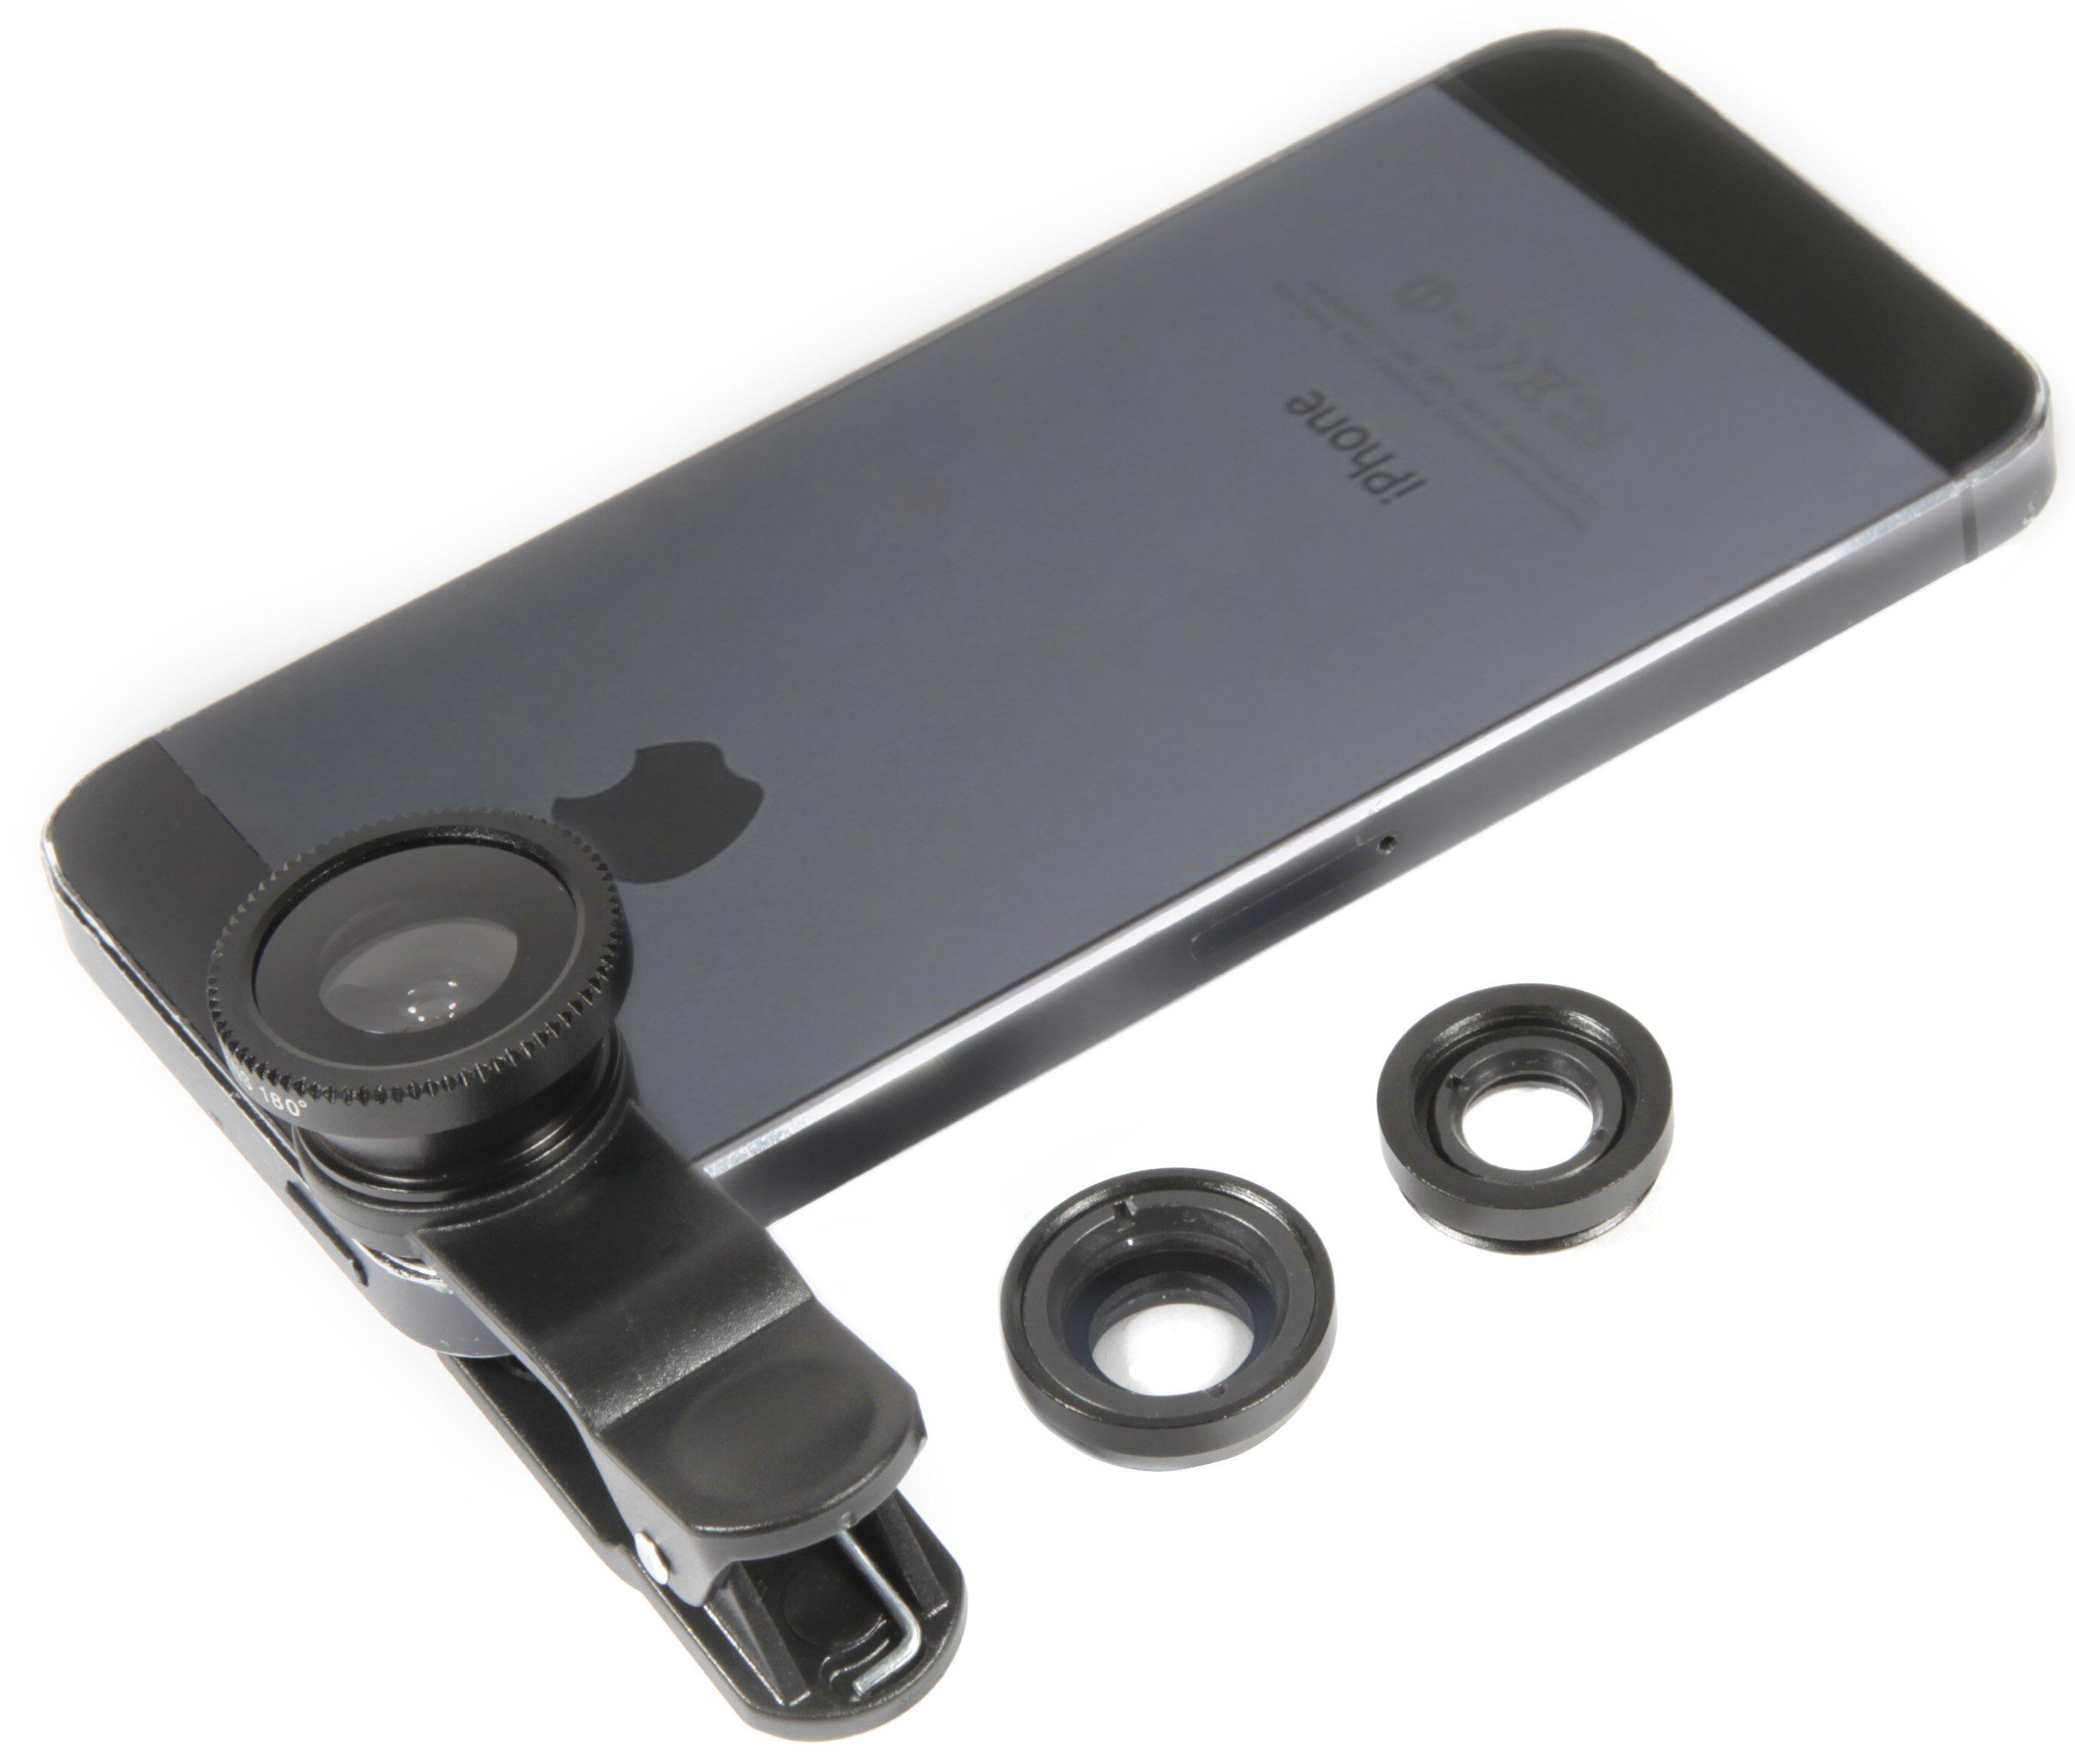 Smartphone Kamera Linsesett 3-i-1 Kameralinser til smarttelefonen din